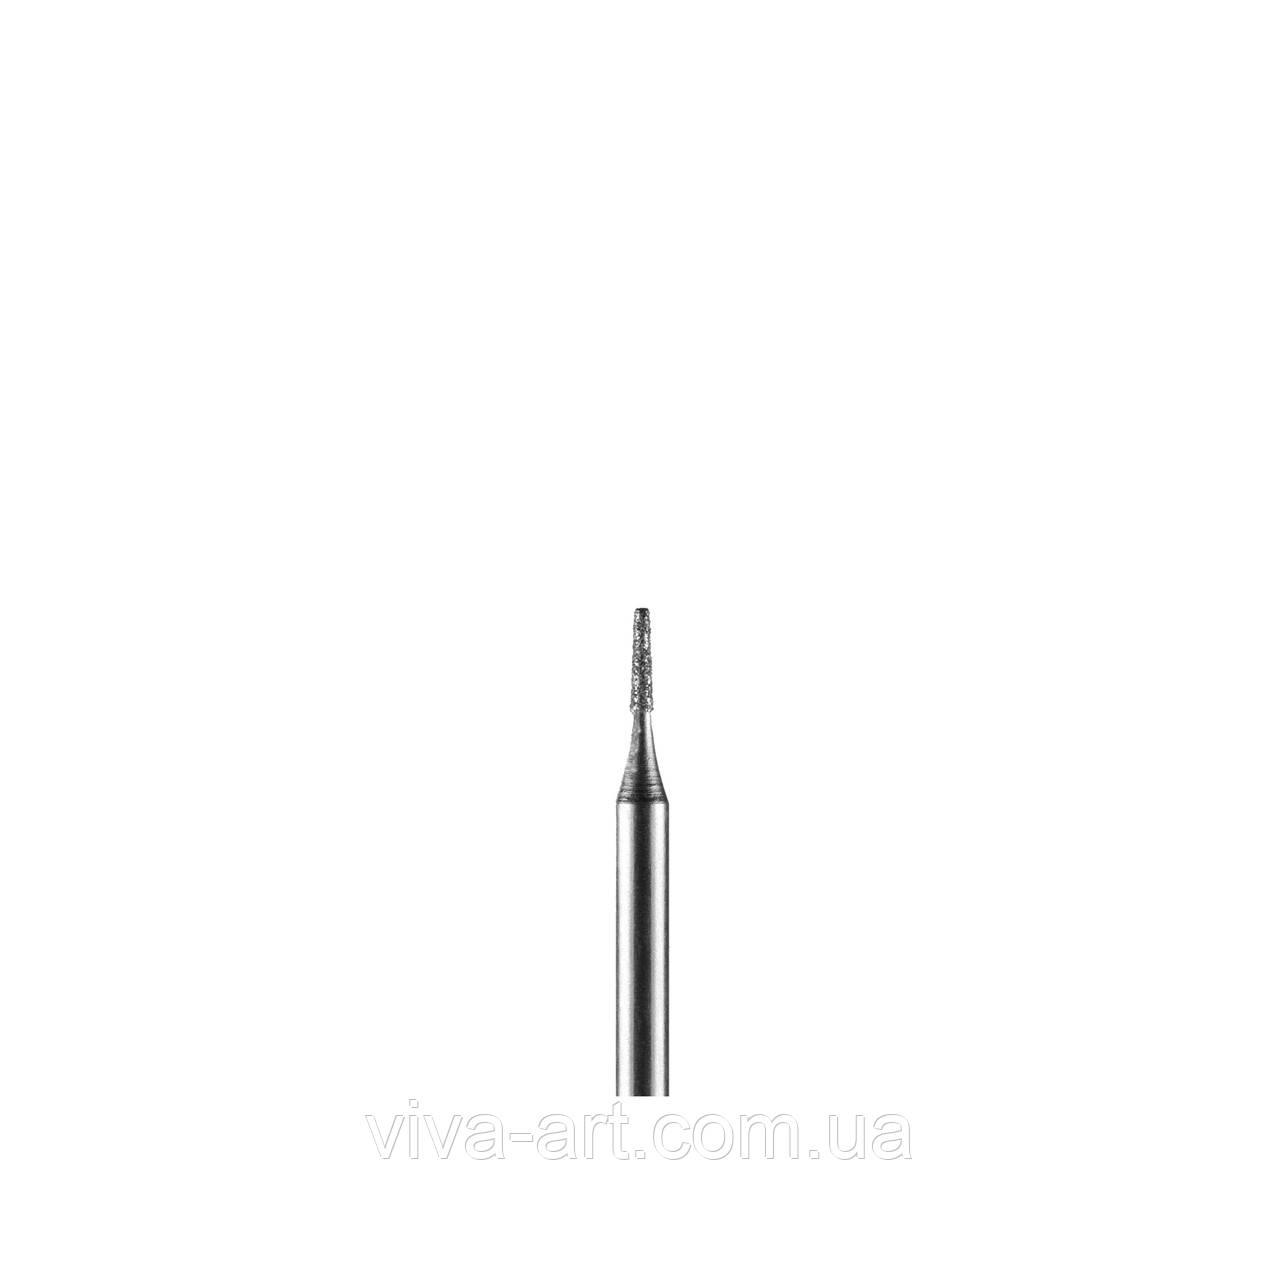 Алмазна насадка усічений конус, 1 мм, середній абразив, Diaswiss (Швейцарія)